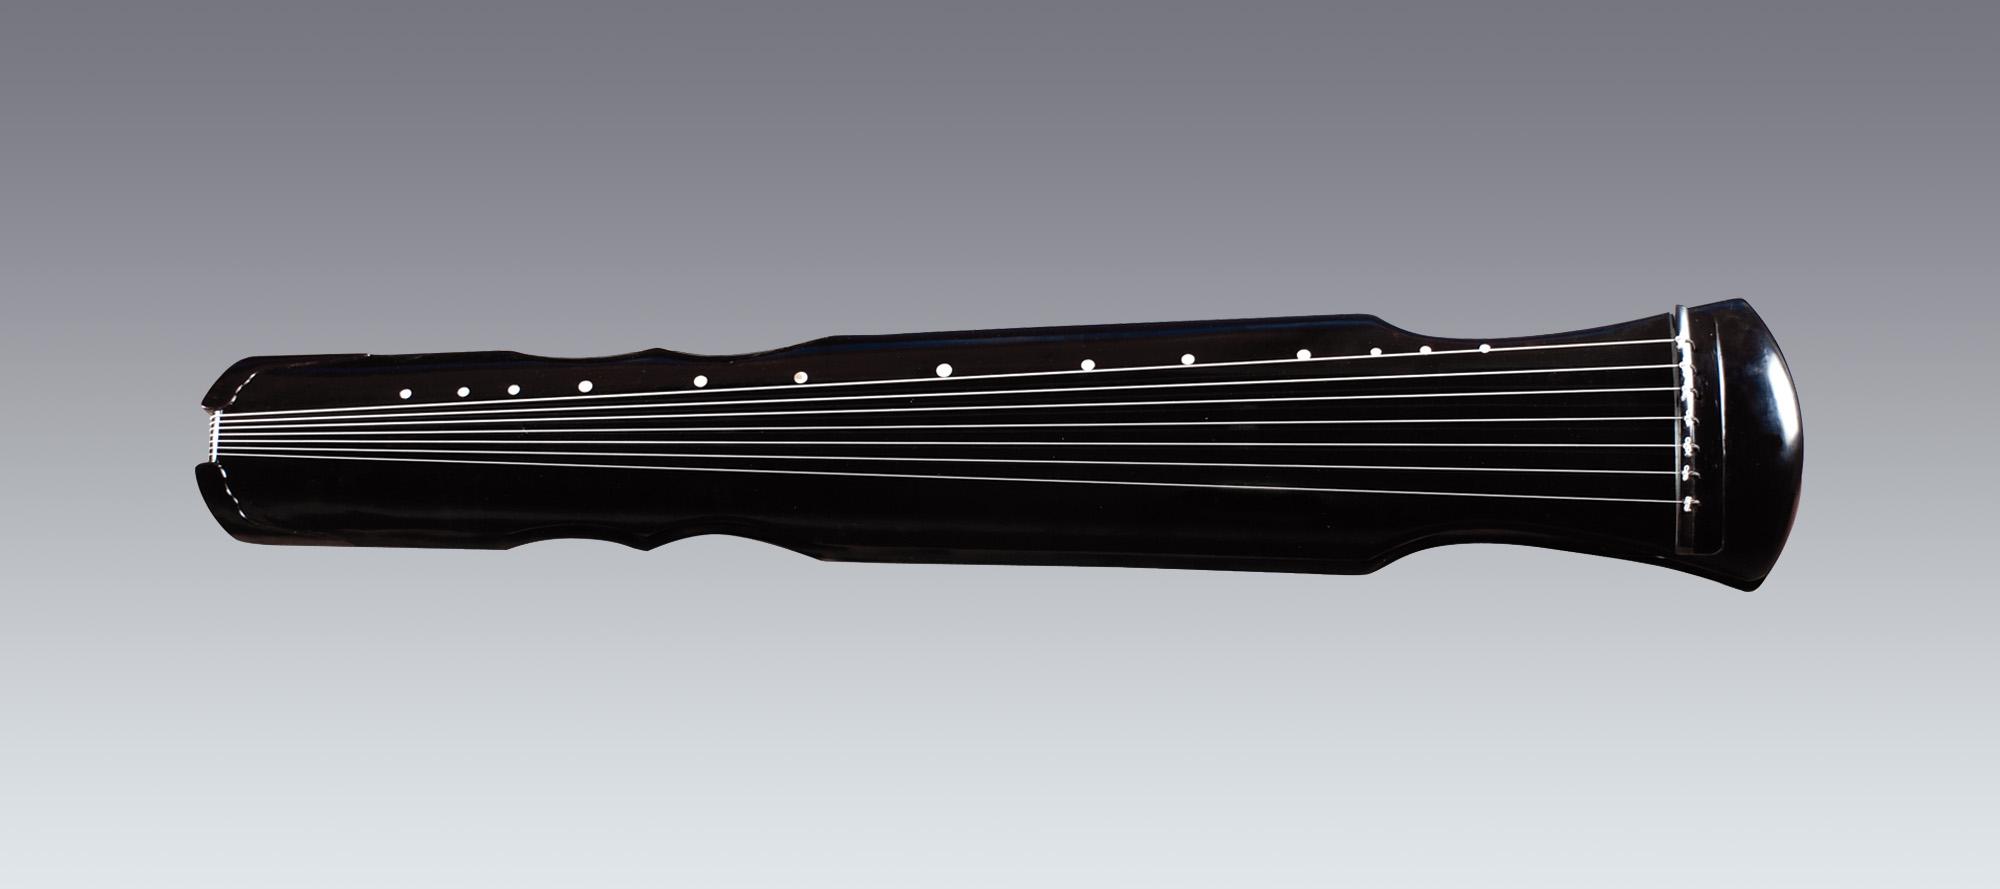 古琴有很多样式,常见的有伏羲式图片